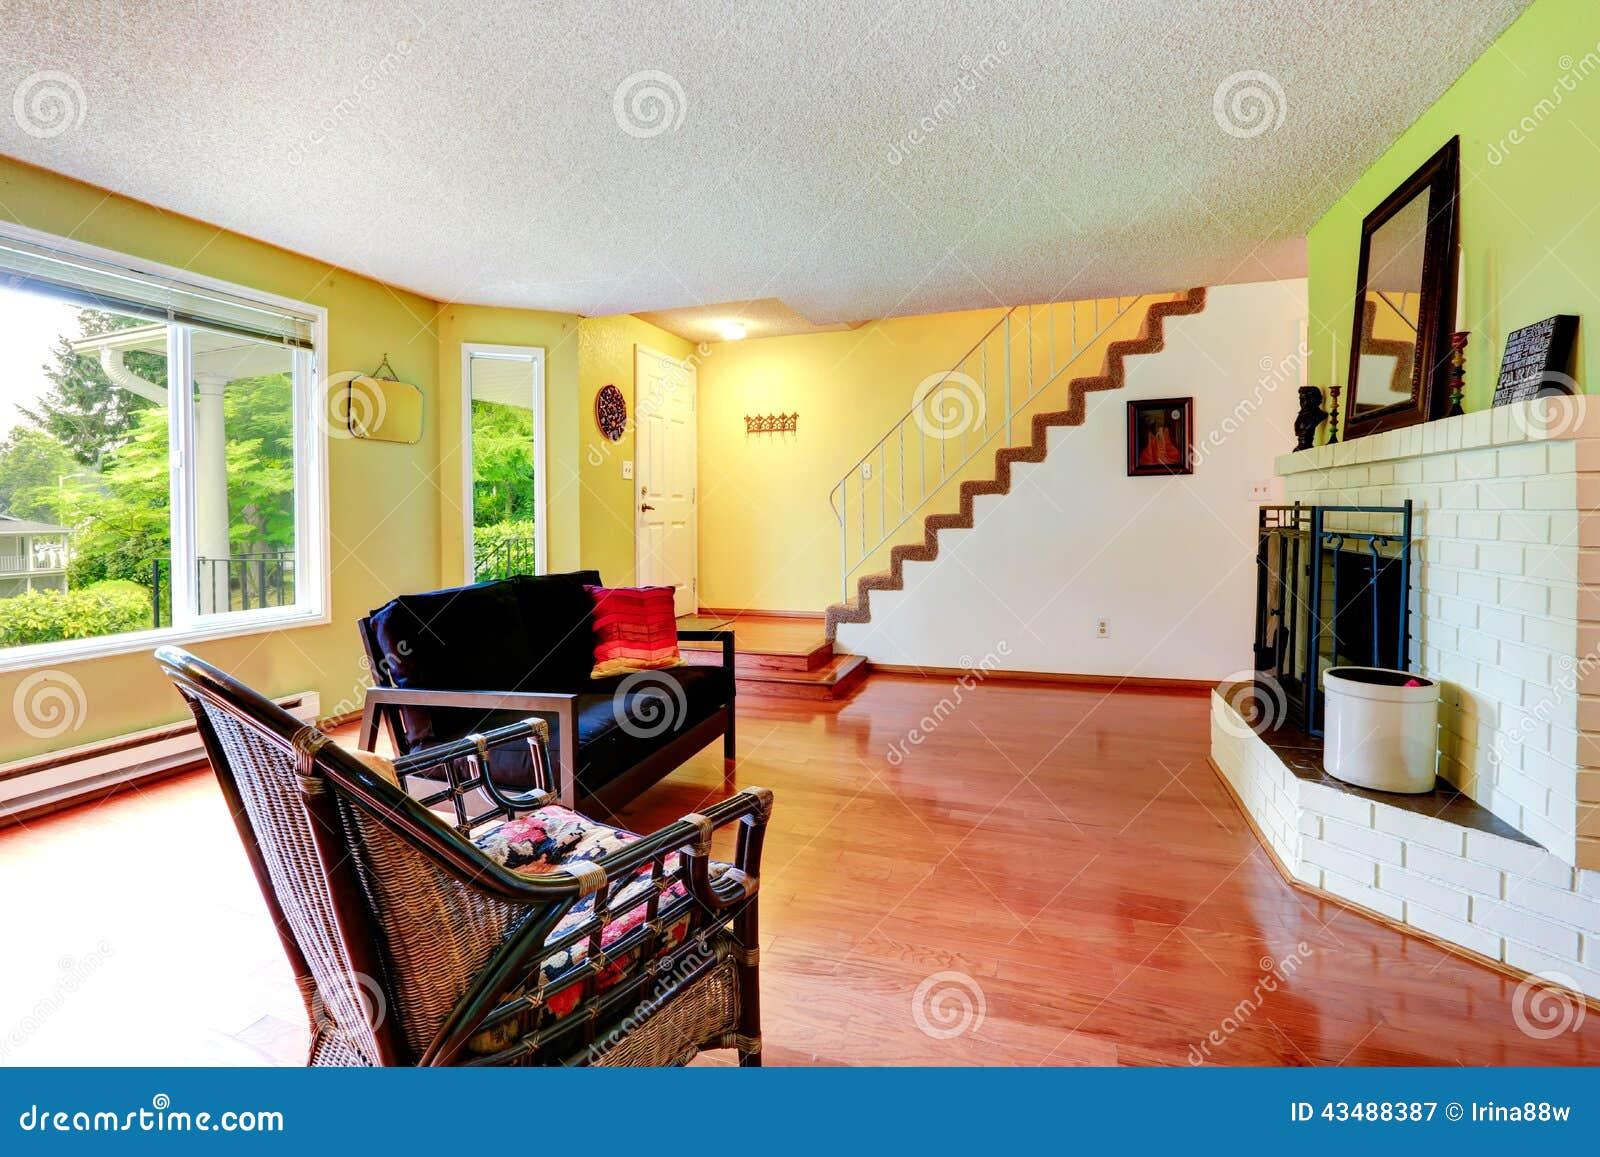 Chambre jaune et blanche for Salon avec ba